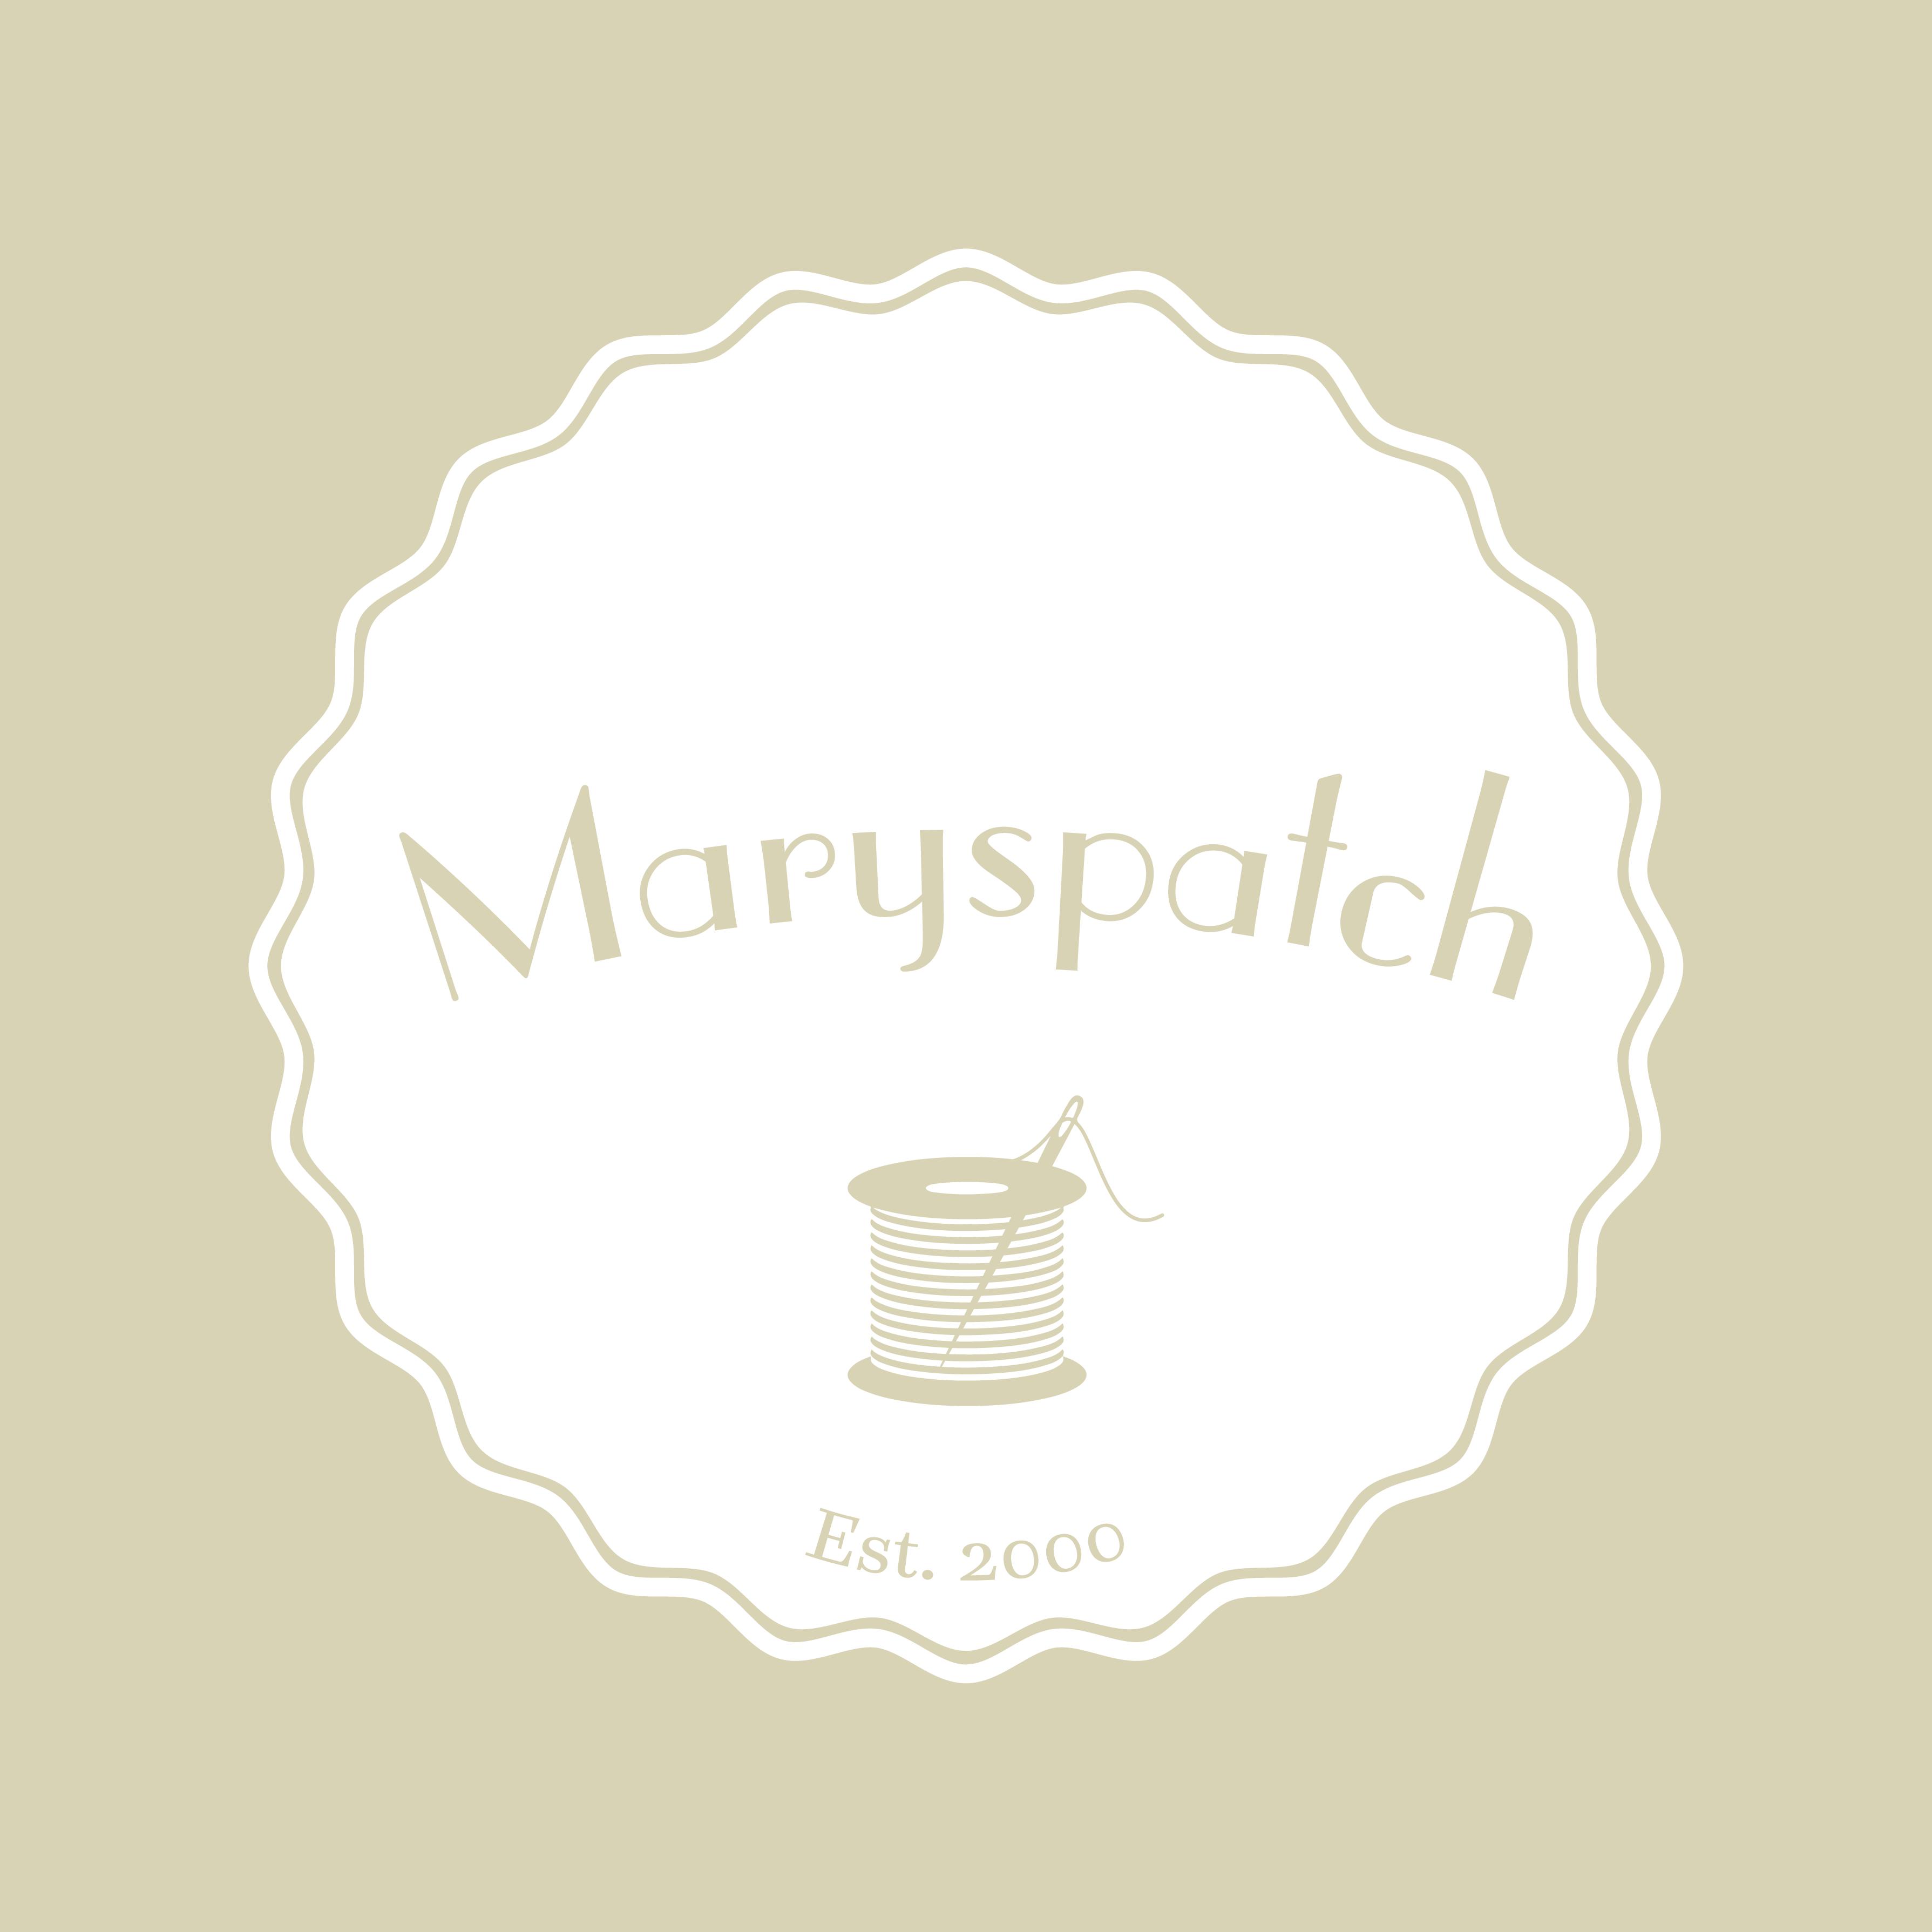 Maryspatch